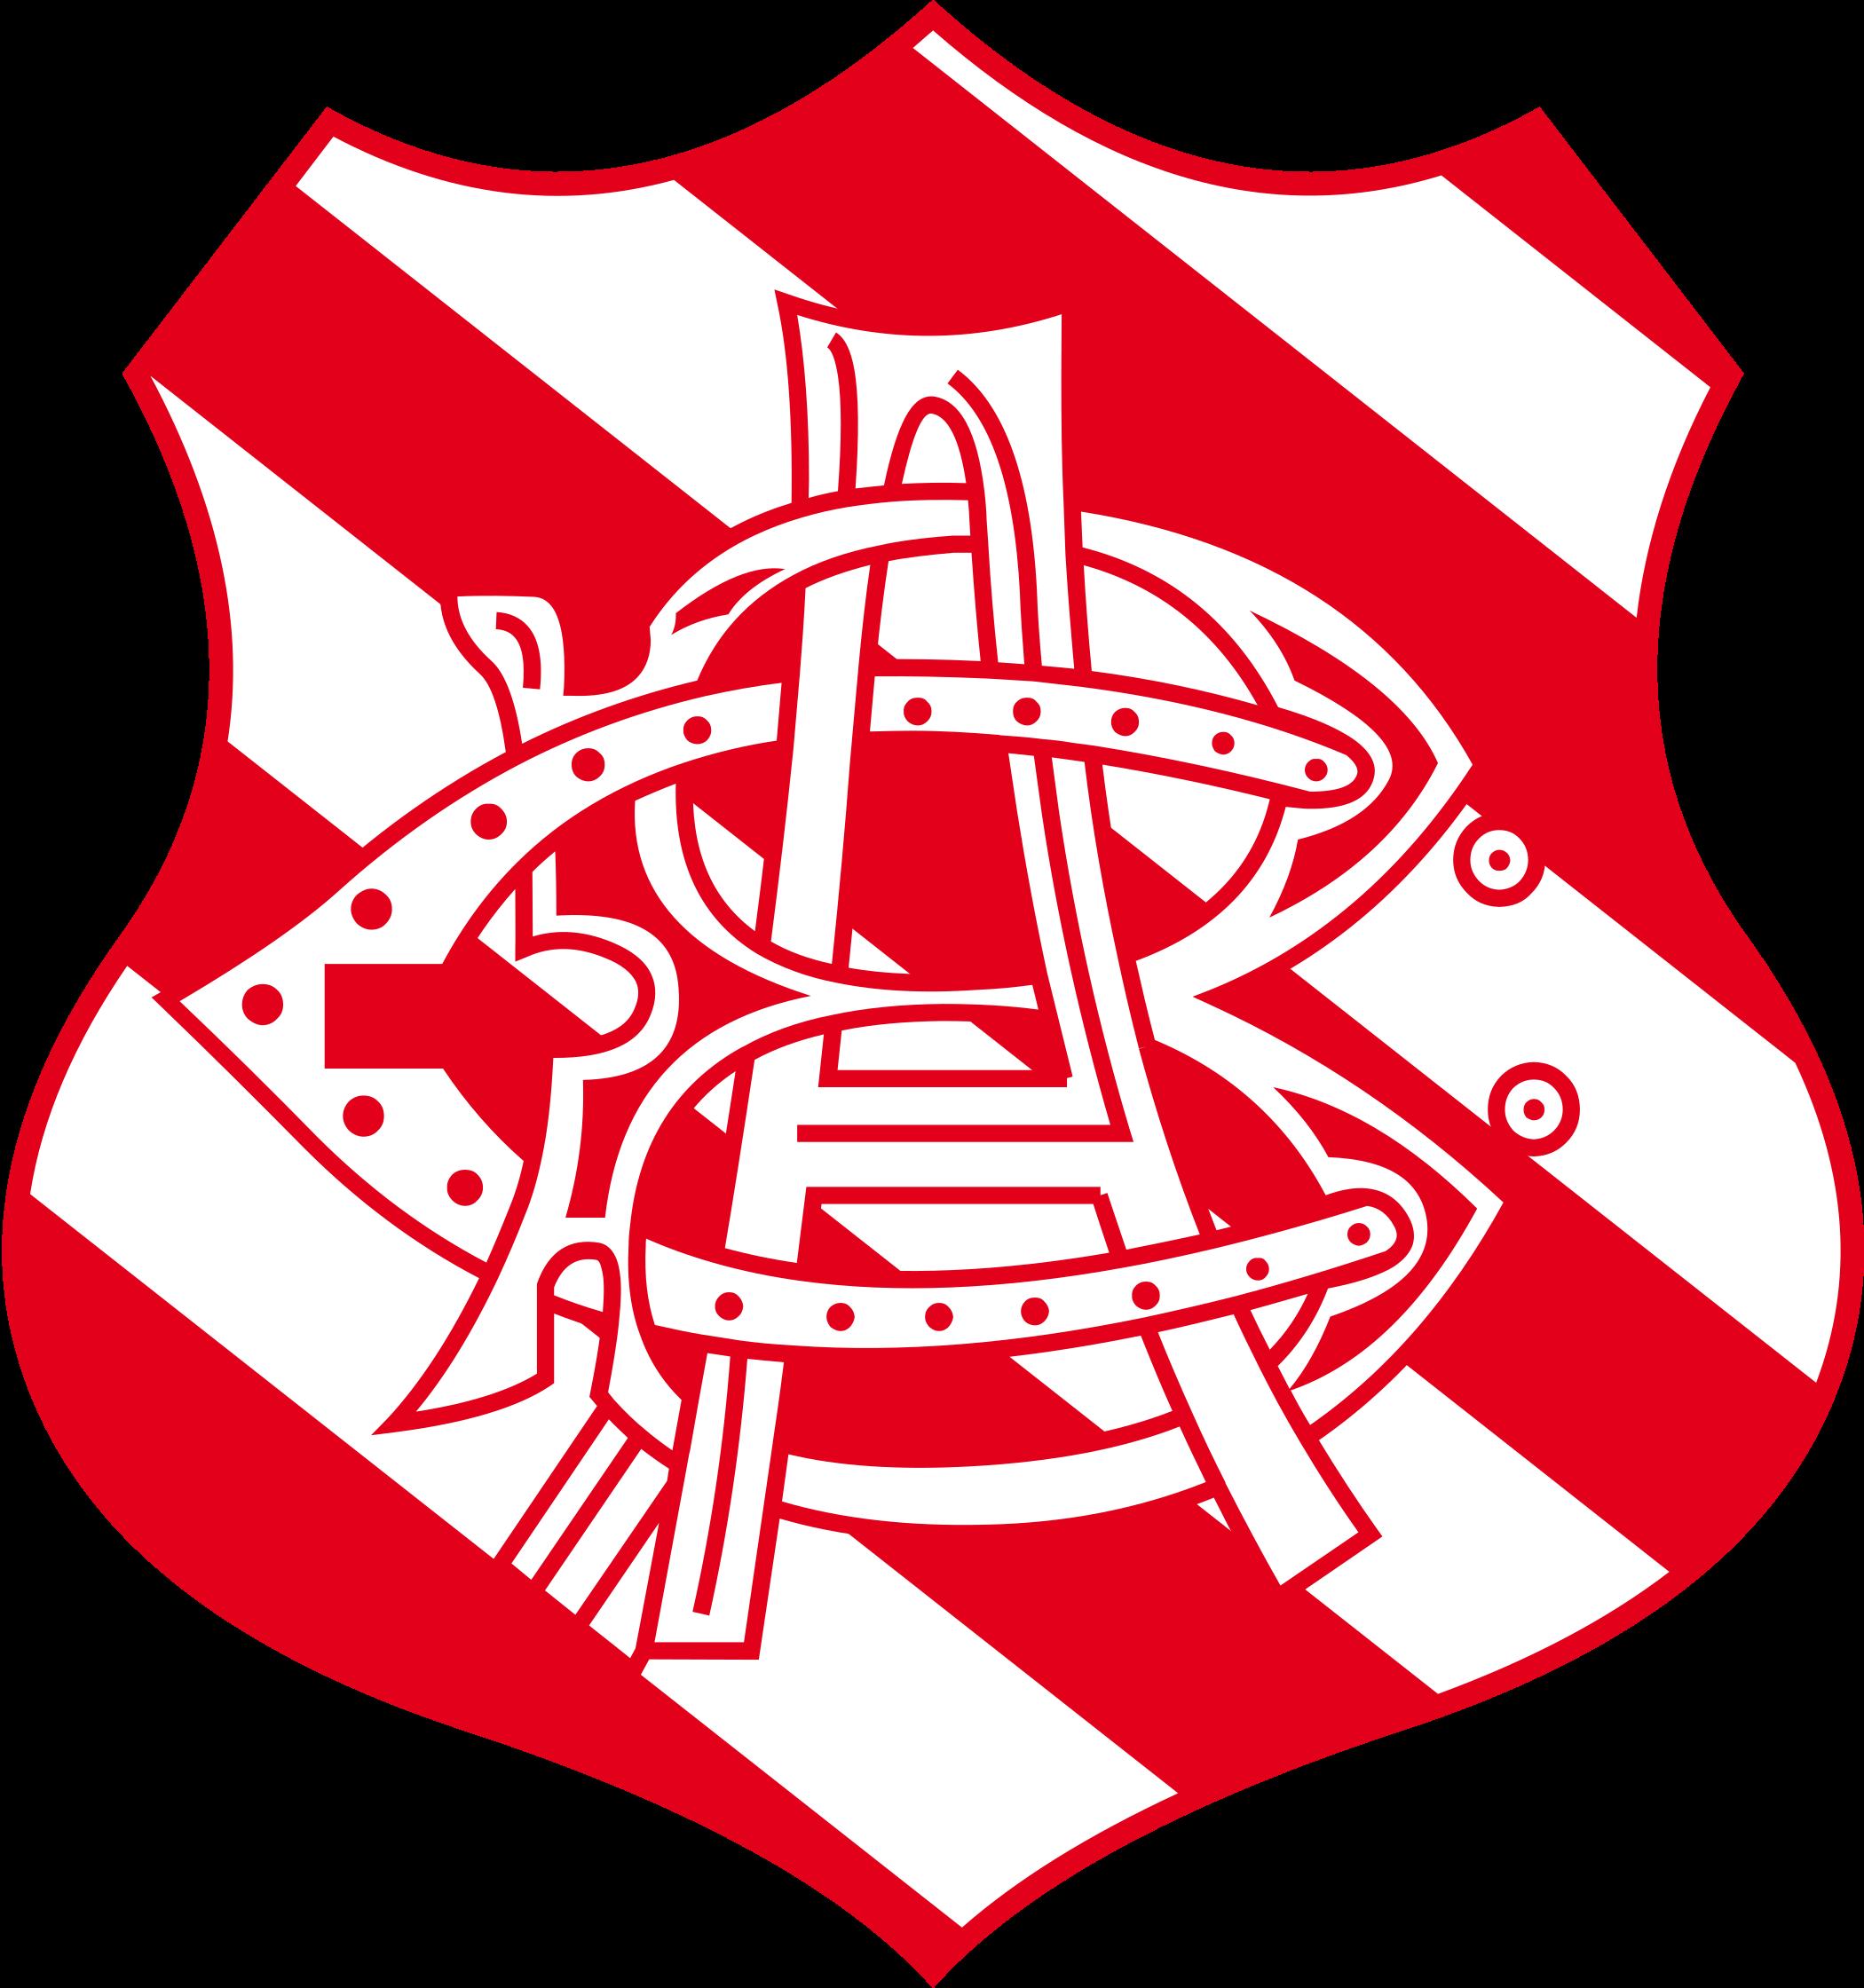 bangu-logo-escudo-1